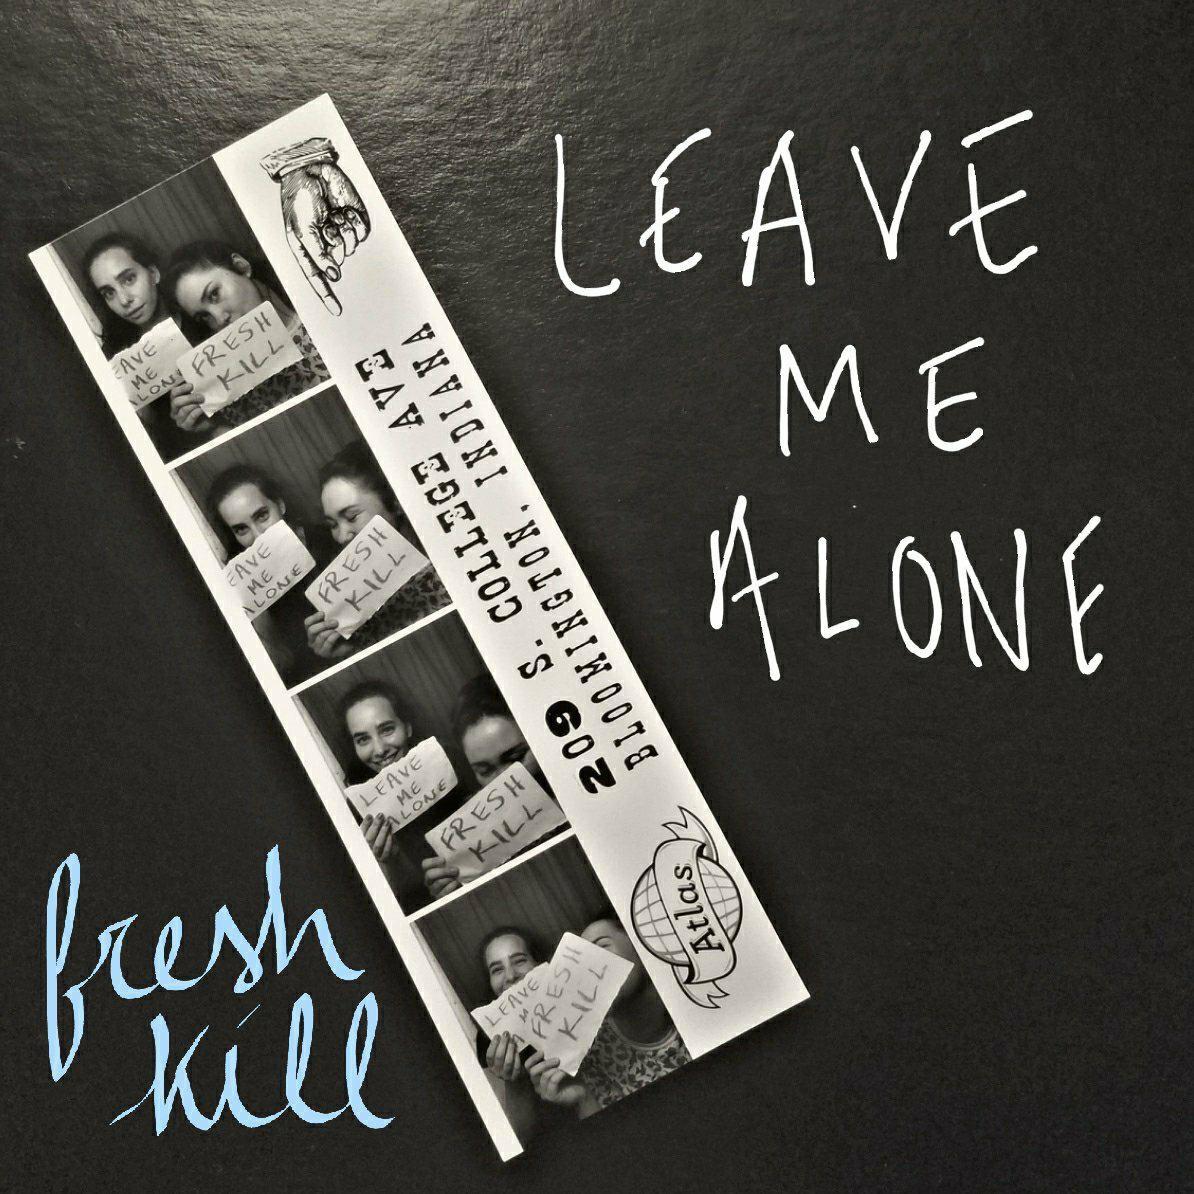 Fresh Kill - Leave Me Alone.JPG